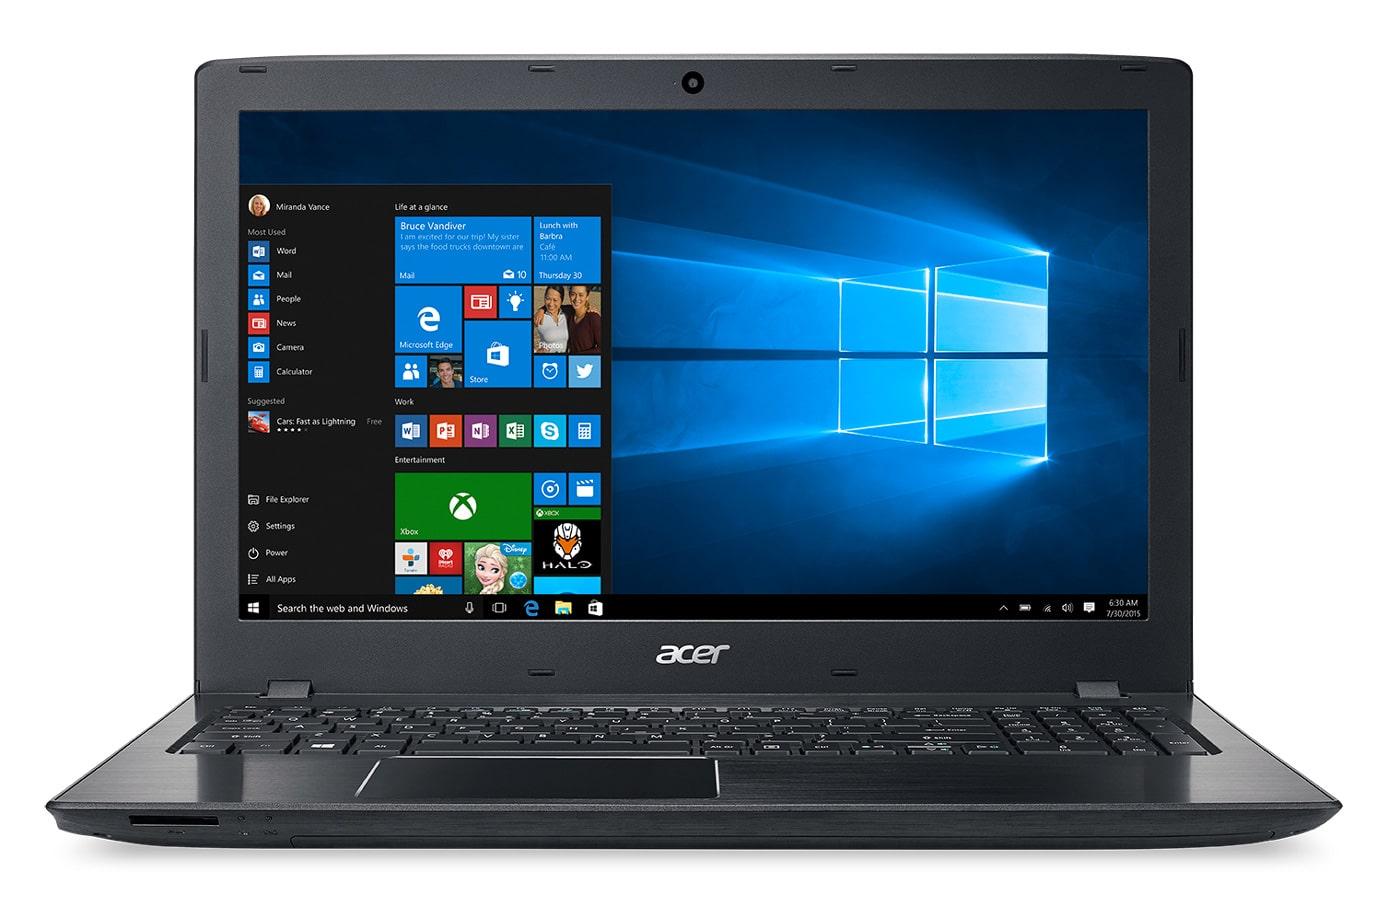 Acer Aspire E5-575G-53W2 à 699€, PC portable 15 pouces 8 Go GTX 950M i5